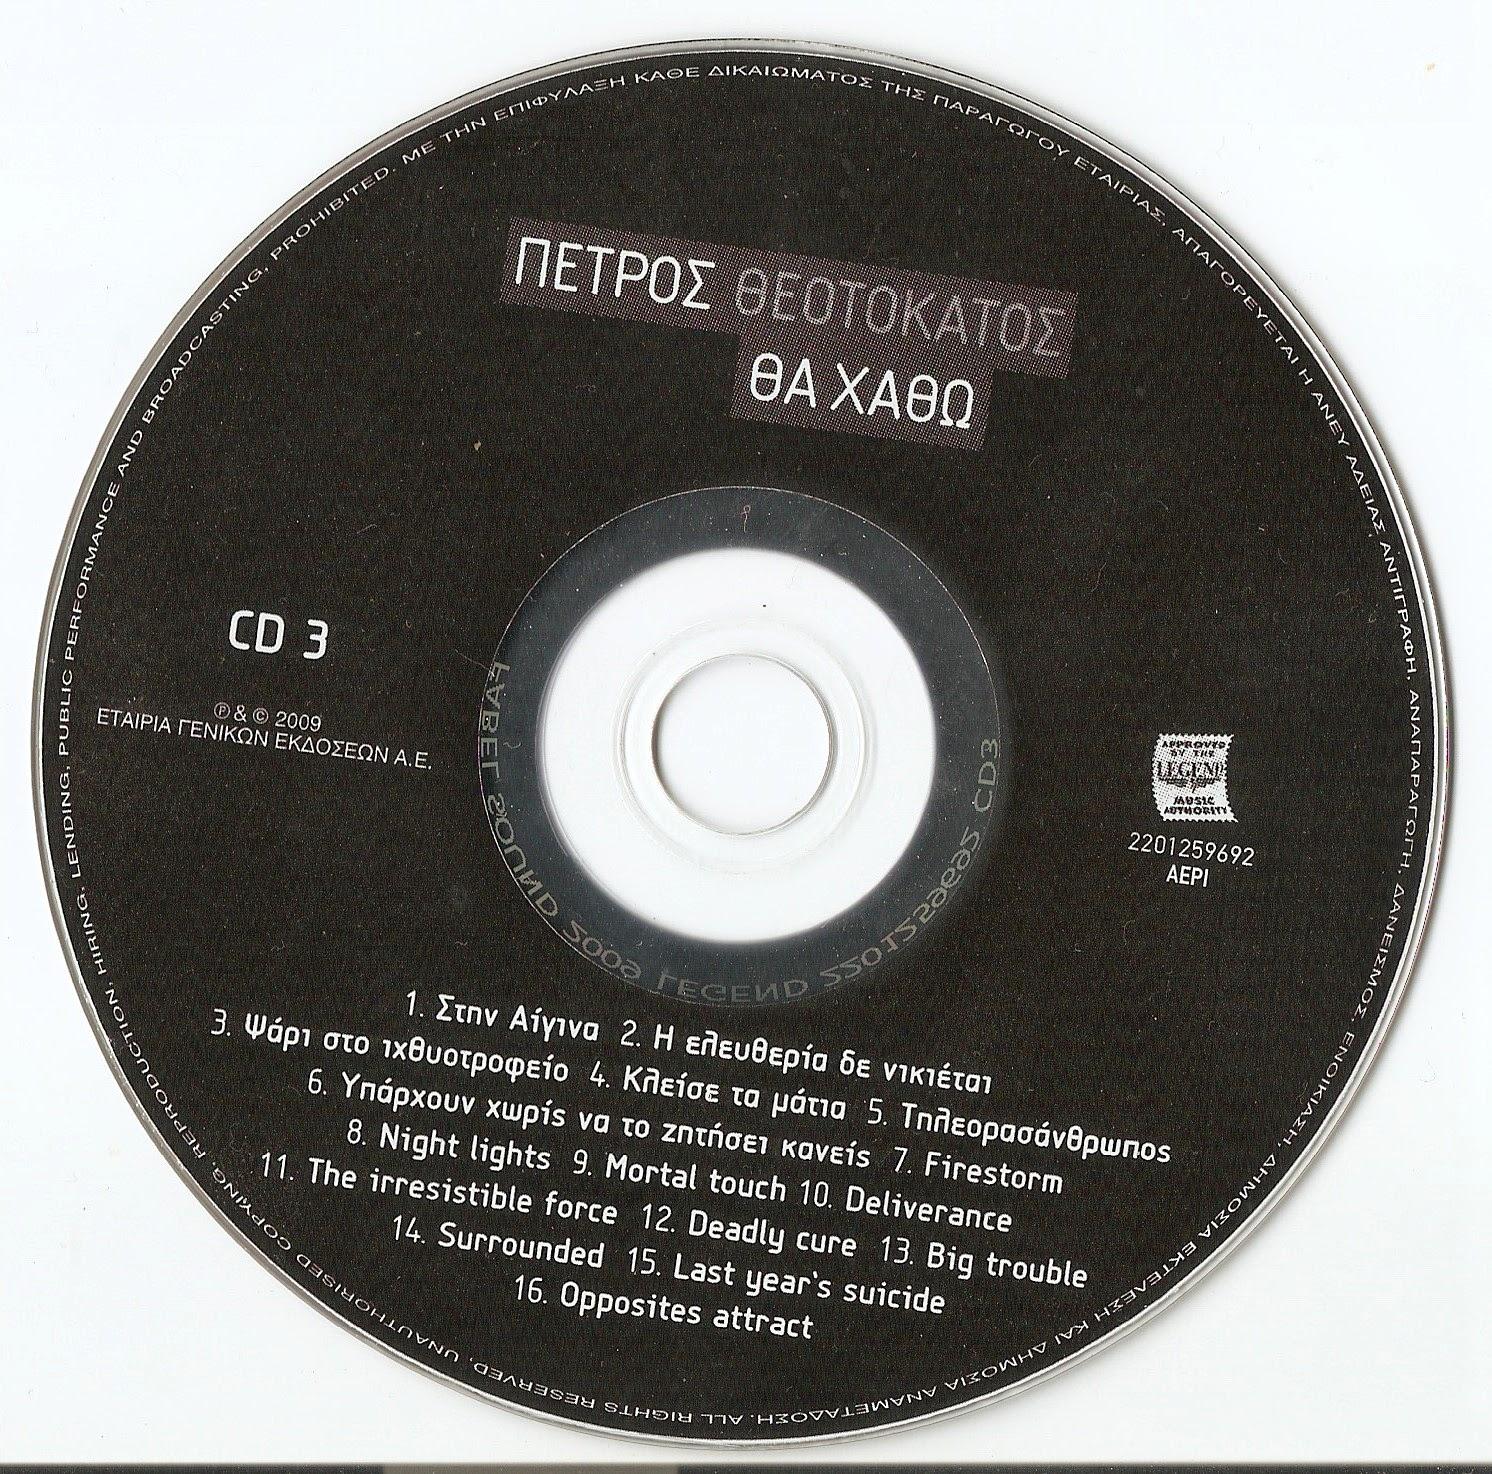 ΠΕΤΡΟΣ ΘΕΟΤΟΚΑΤΟΣ - ΘΑ ΧΑΘΩ cd greek rock 3